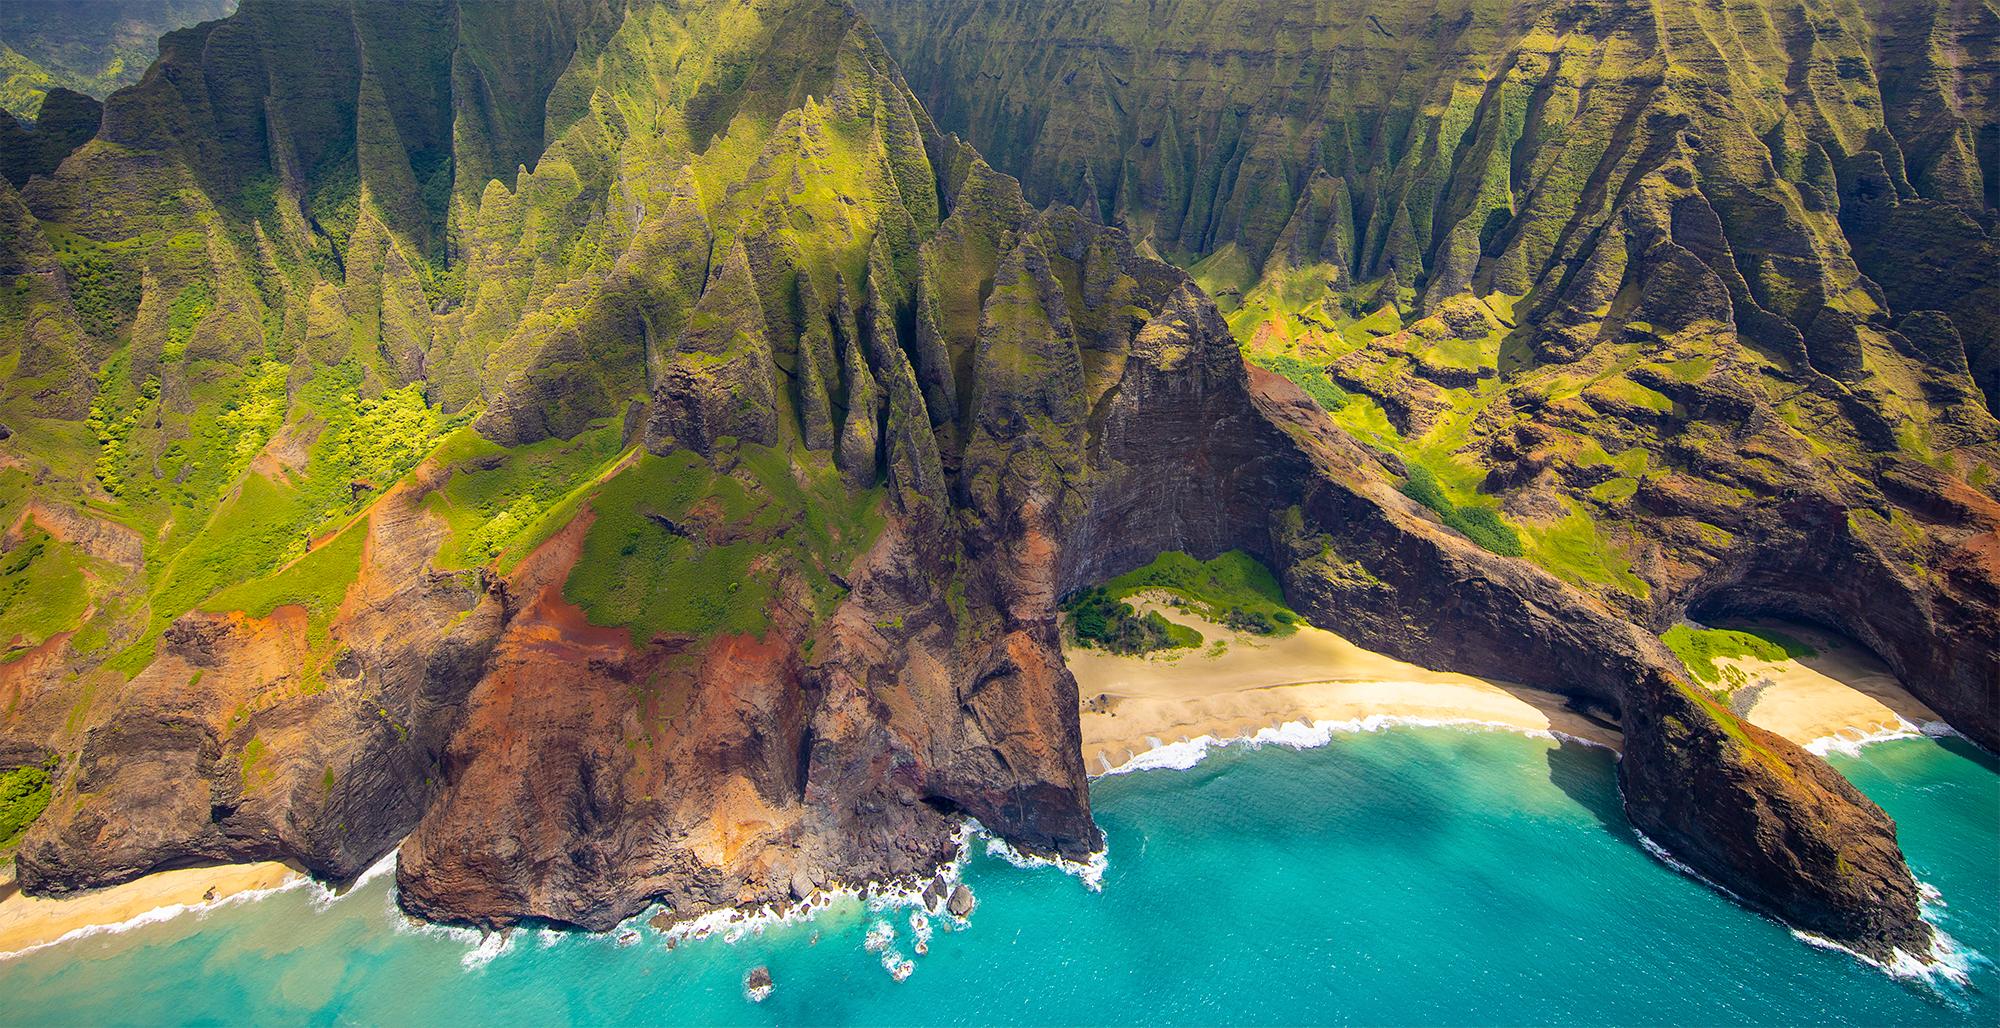 The Nā Pali Coast